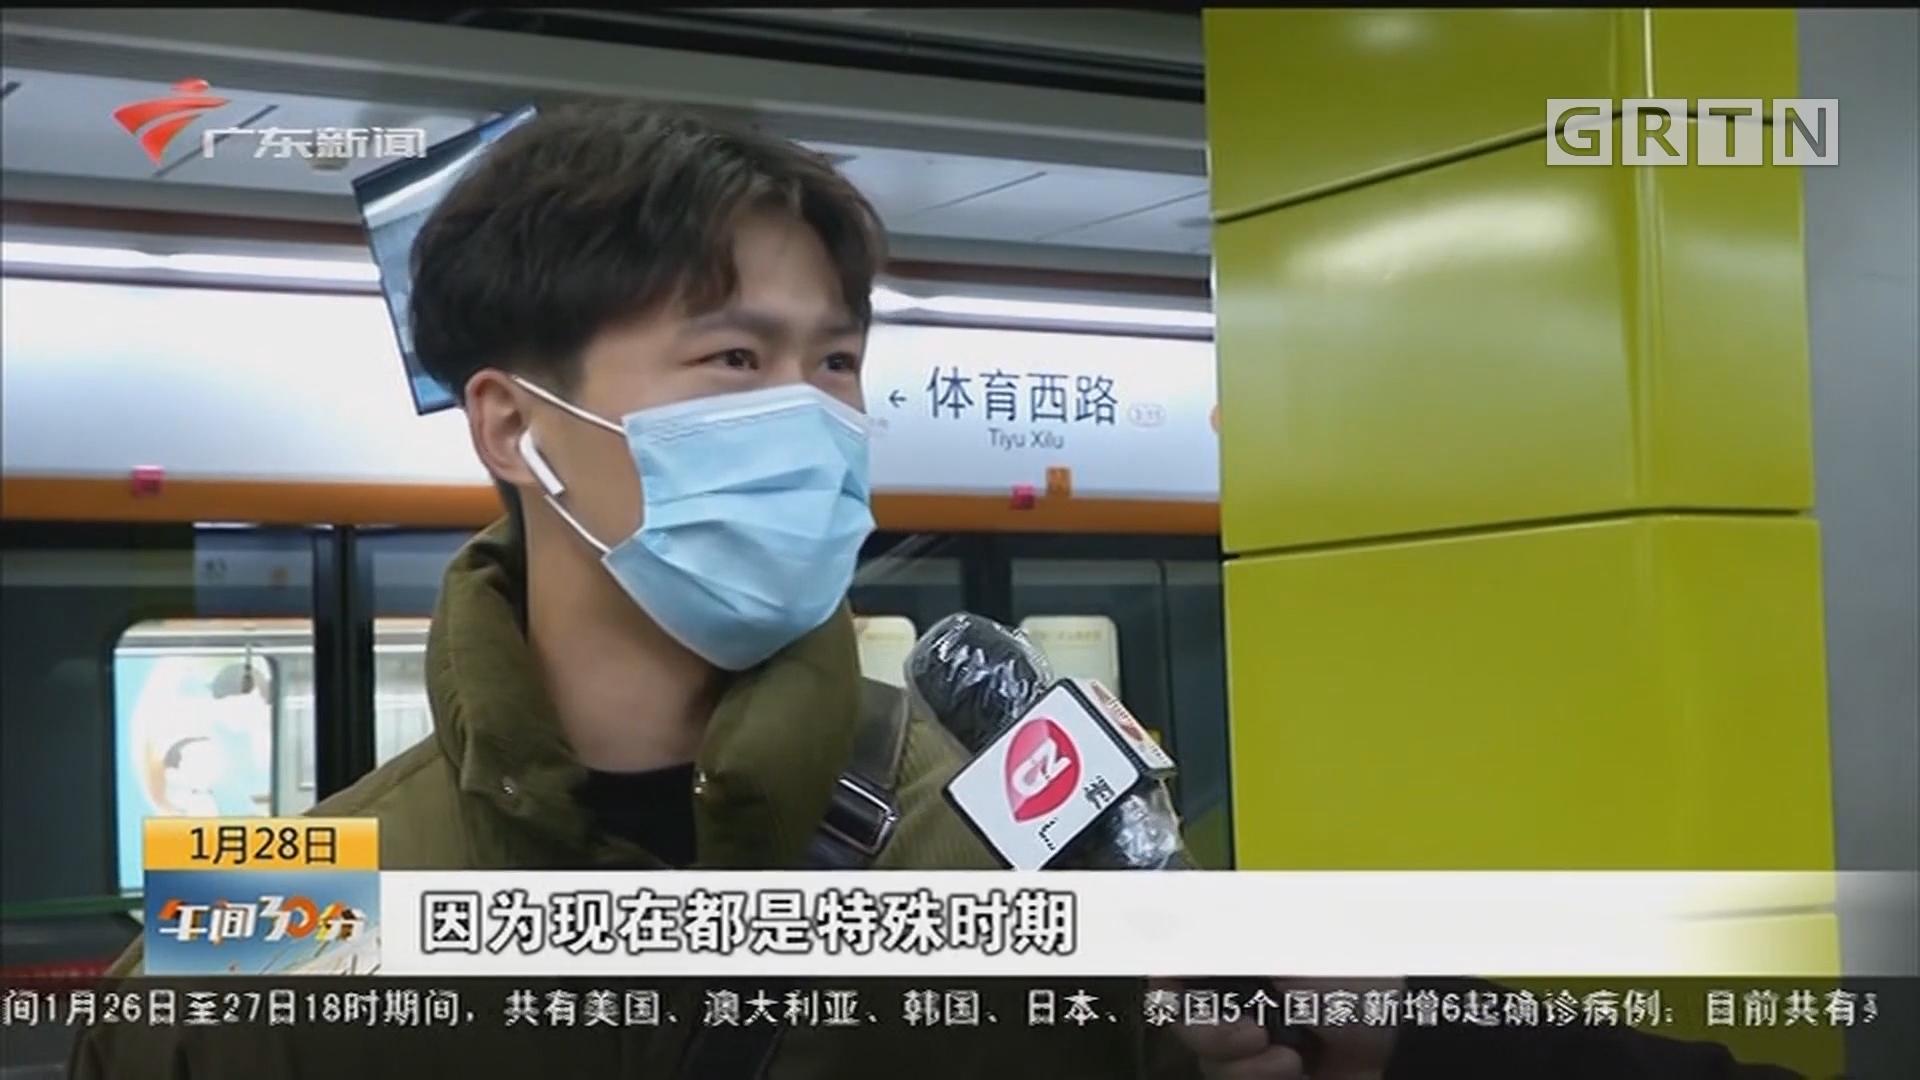 广州:公共场所加强防护 市民多佩戴口罩